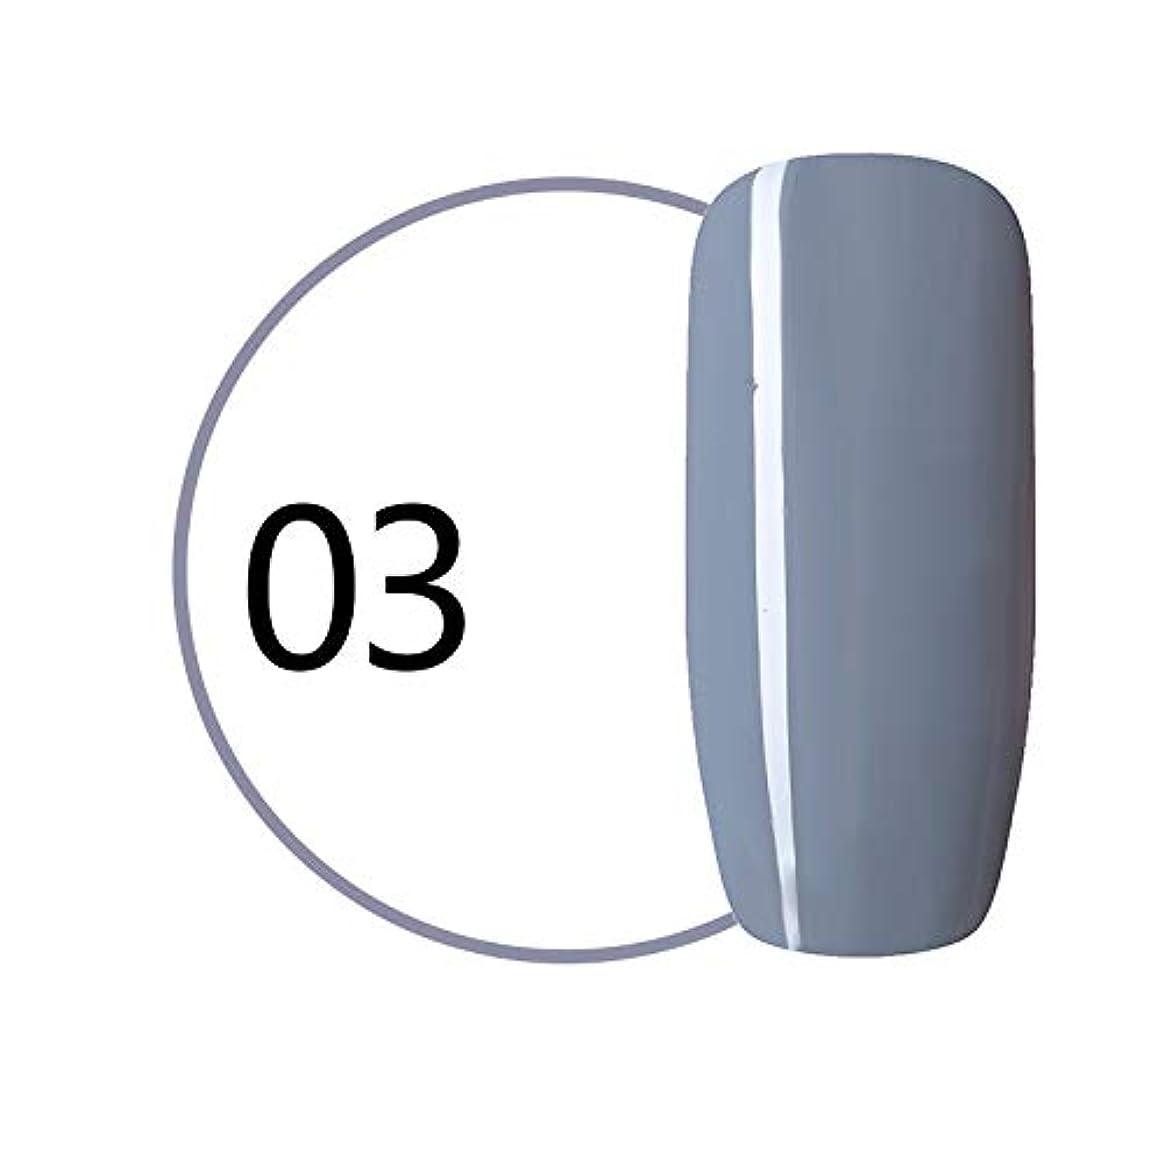 一掃する主観的希望に満ちたSymboat マニキュア ソークオフ UV LED ネイルジェルポリッシュ ワイングレーシリーズ ネイル用品 女優 人気 初心者にも対応 安全 無毒